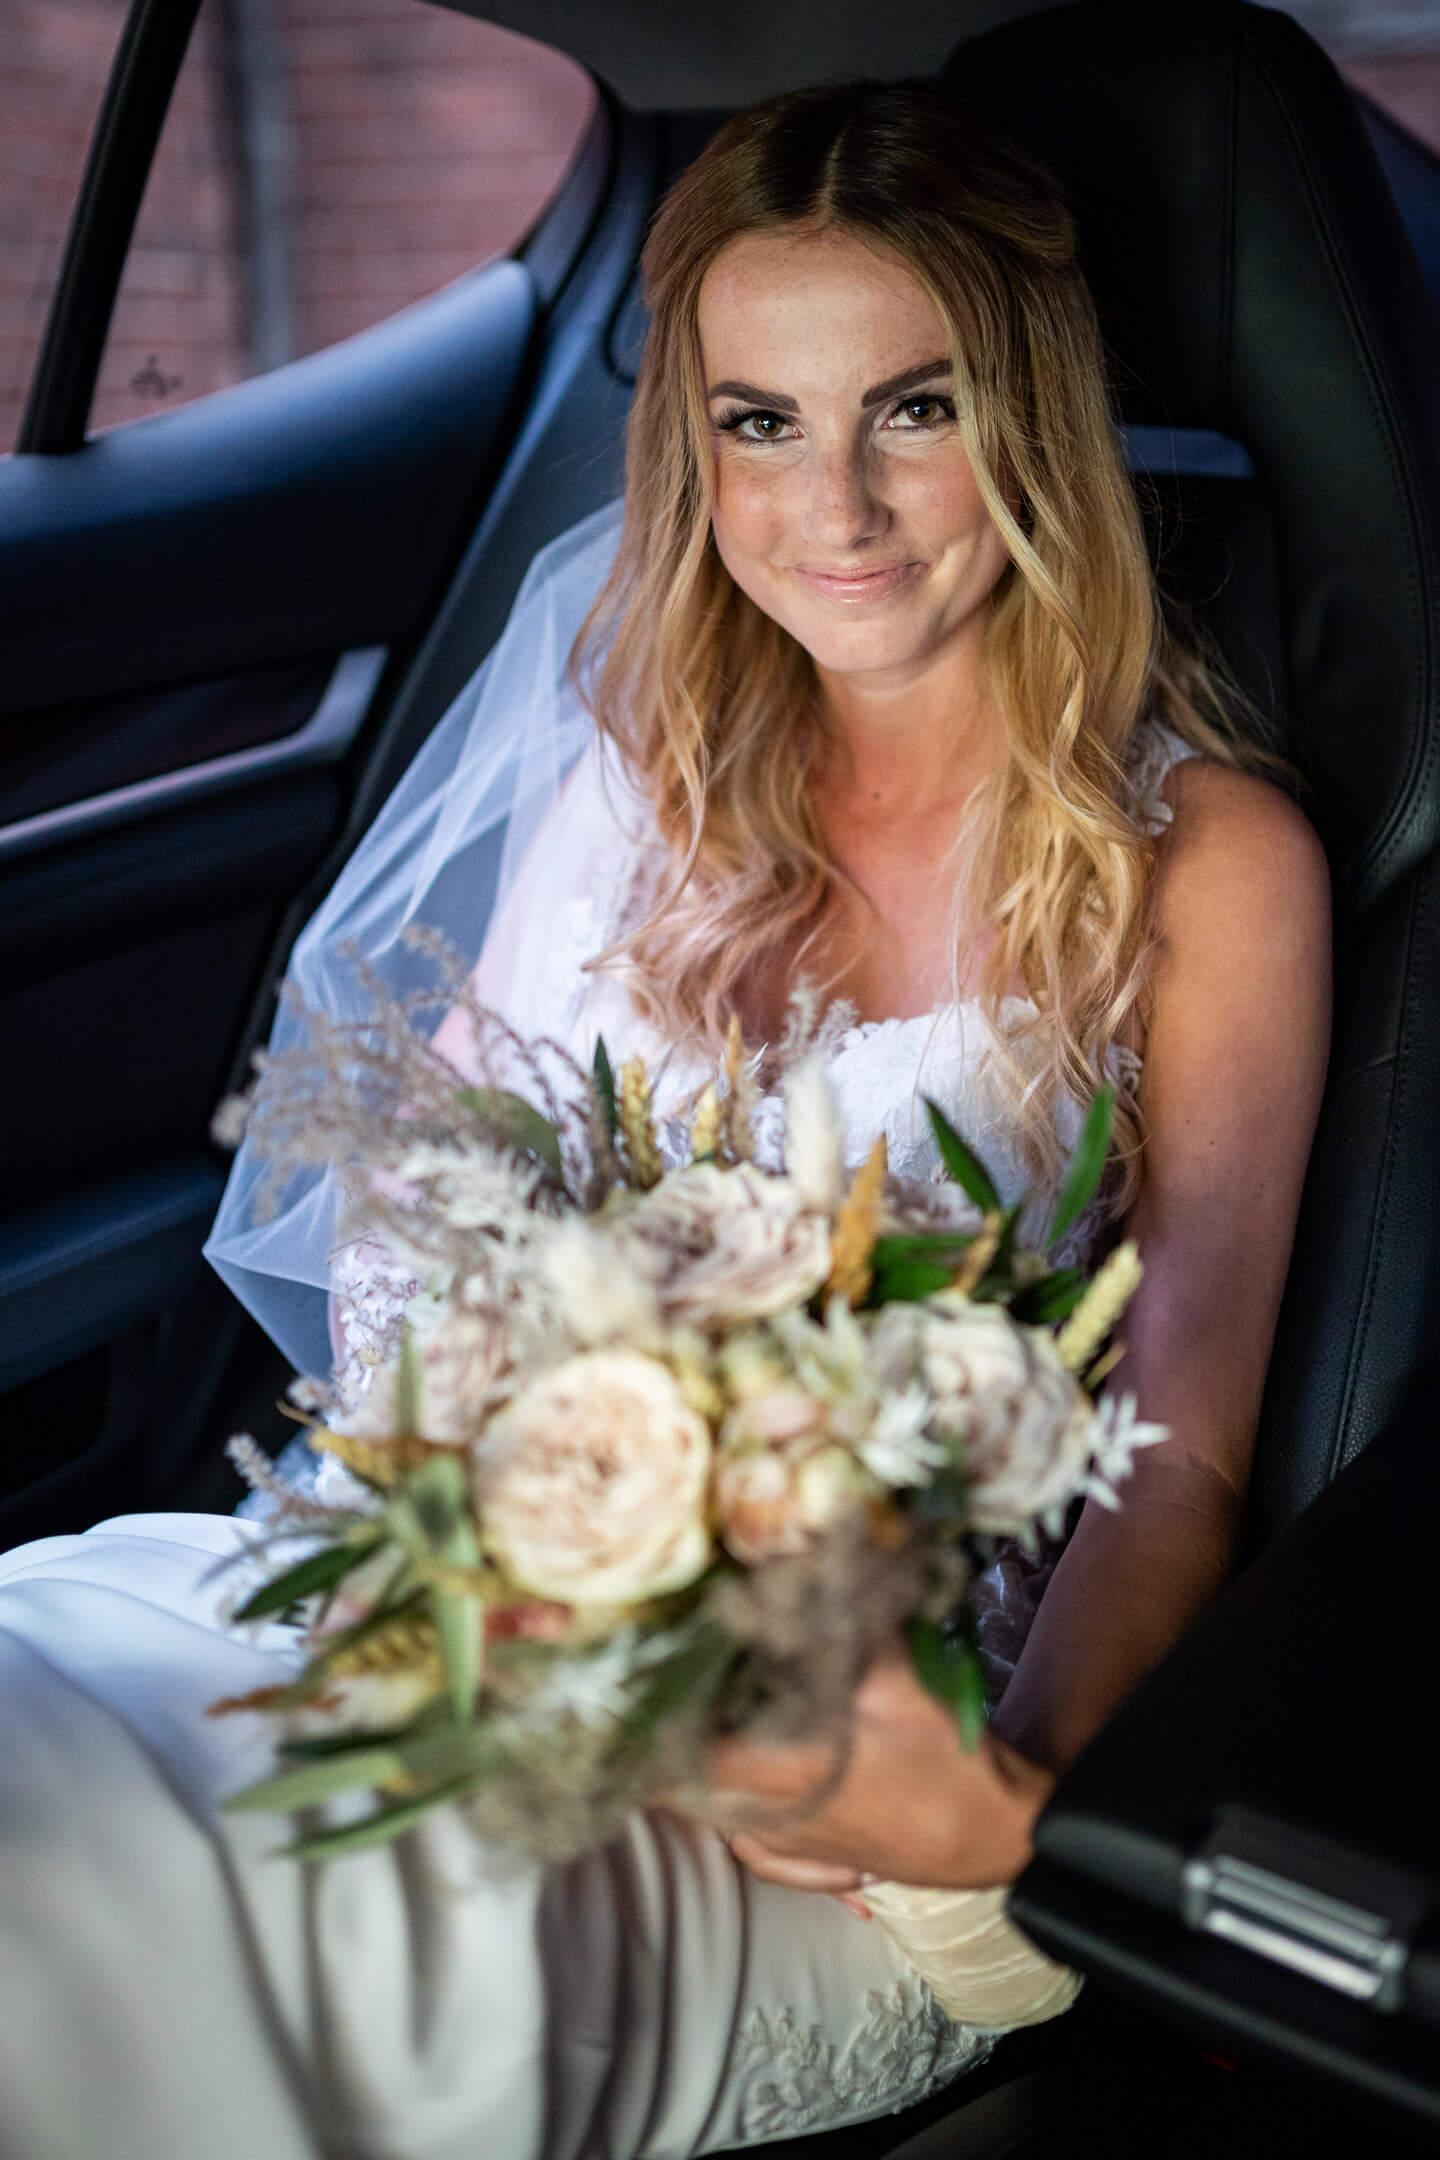 Braut sitz mit ihrem Brautstrauss im Auto und wartet auf die Hochzeit in Buxtehude